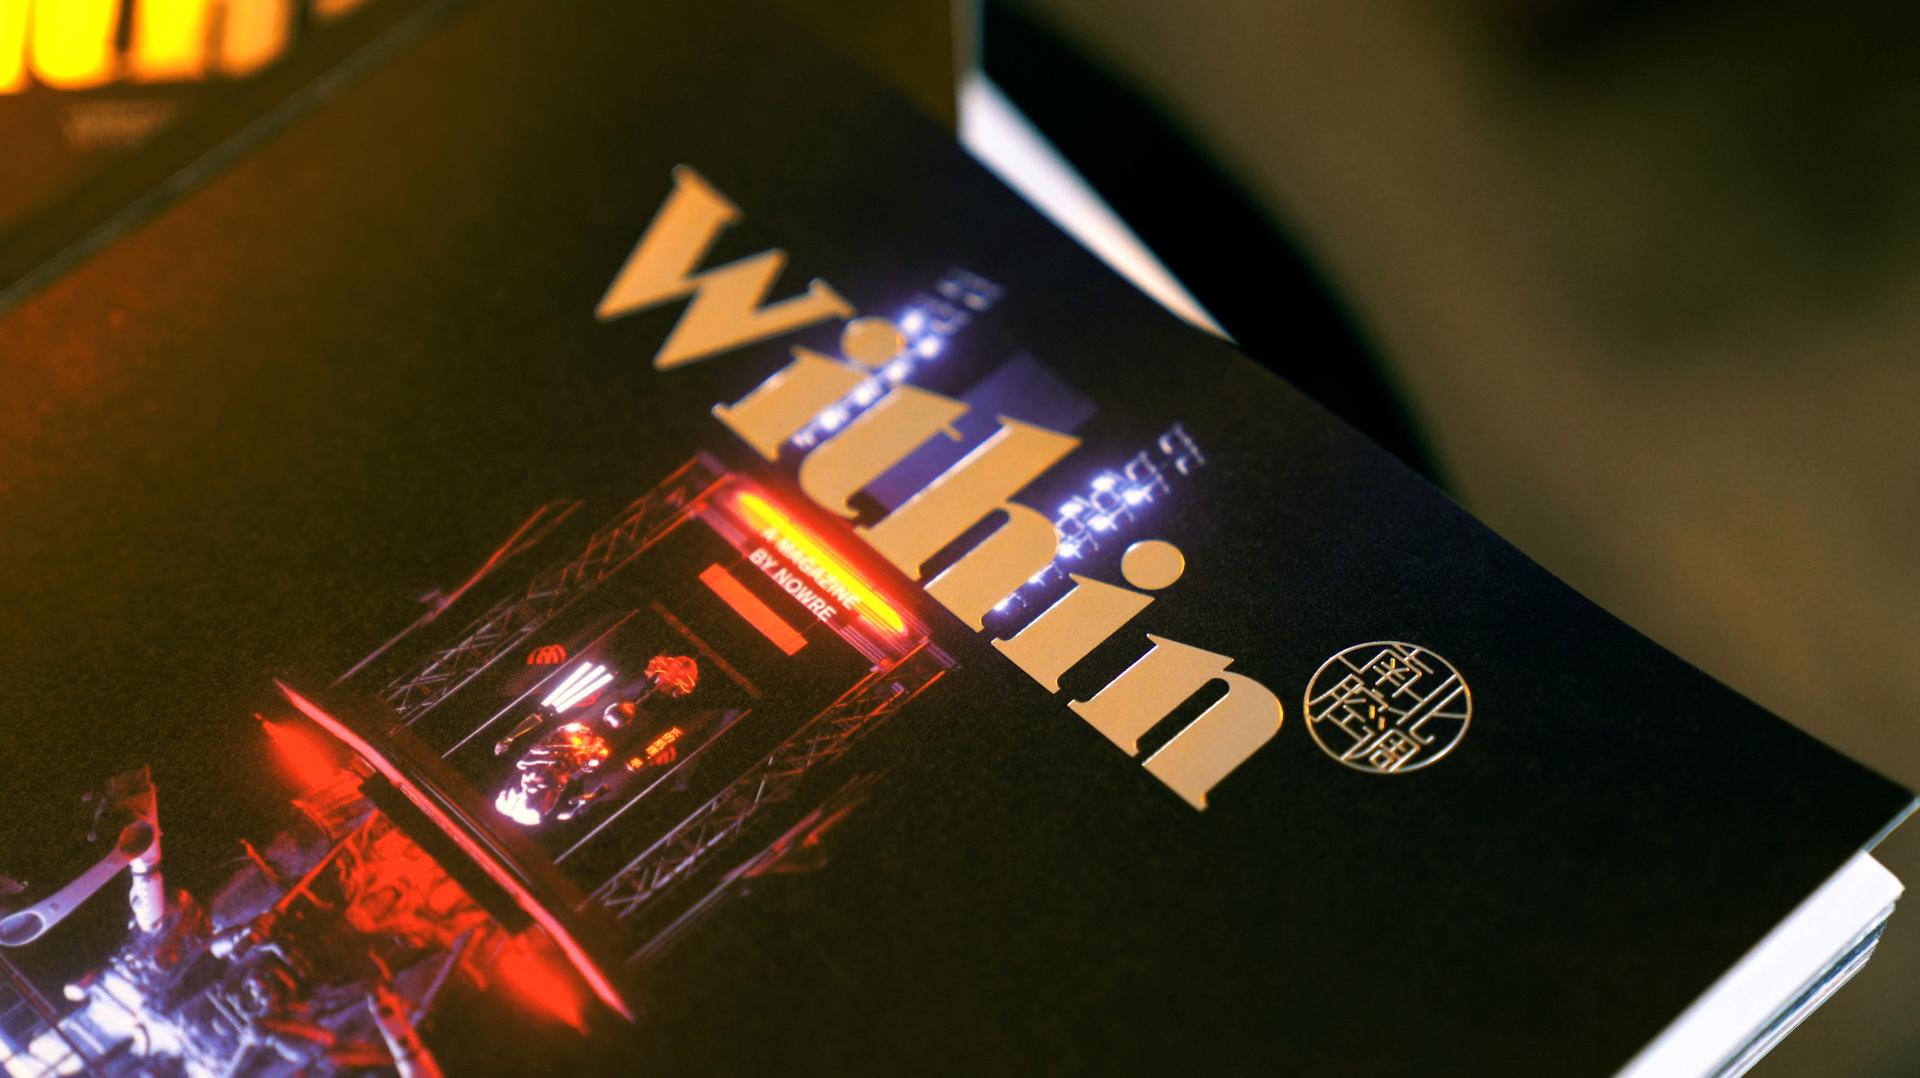 拆开一本全新的《Within》杂志看看…